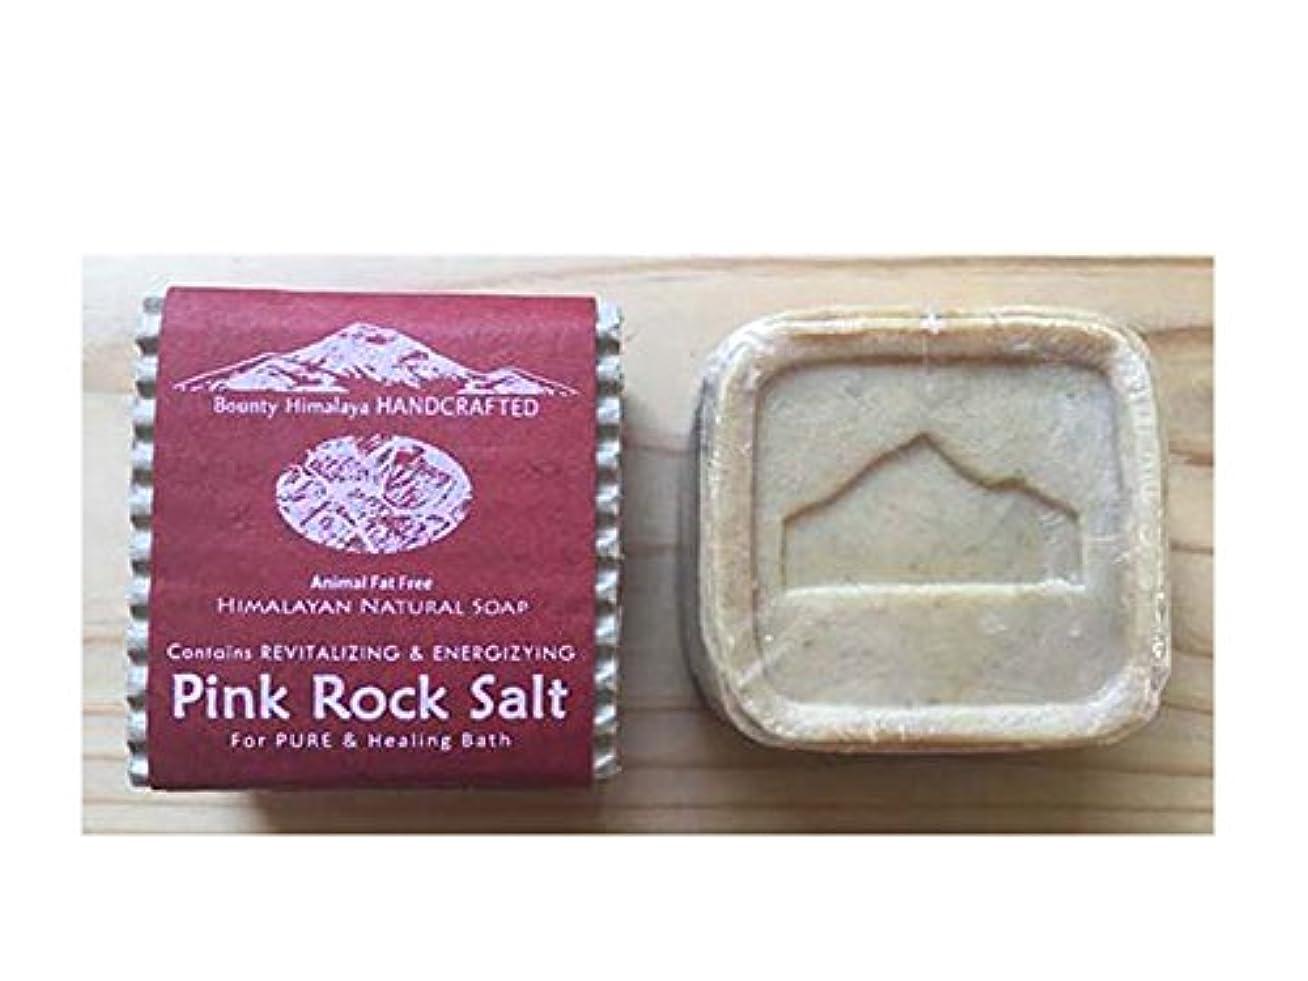 敵機動アルバムアーユルヴェーダ ヒマラヤ?ロッキーソープ(ピンクロックソルトソープ) Bounty Himalaya Pink Rock Salt SOAP(NEPAL AYURVEDA) 100g